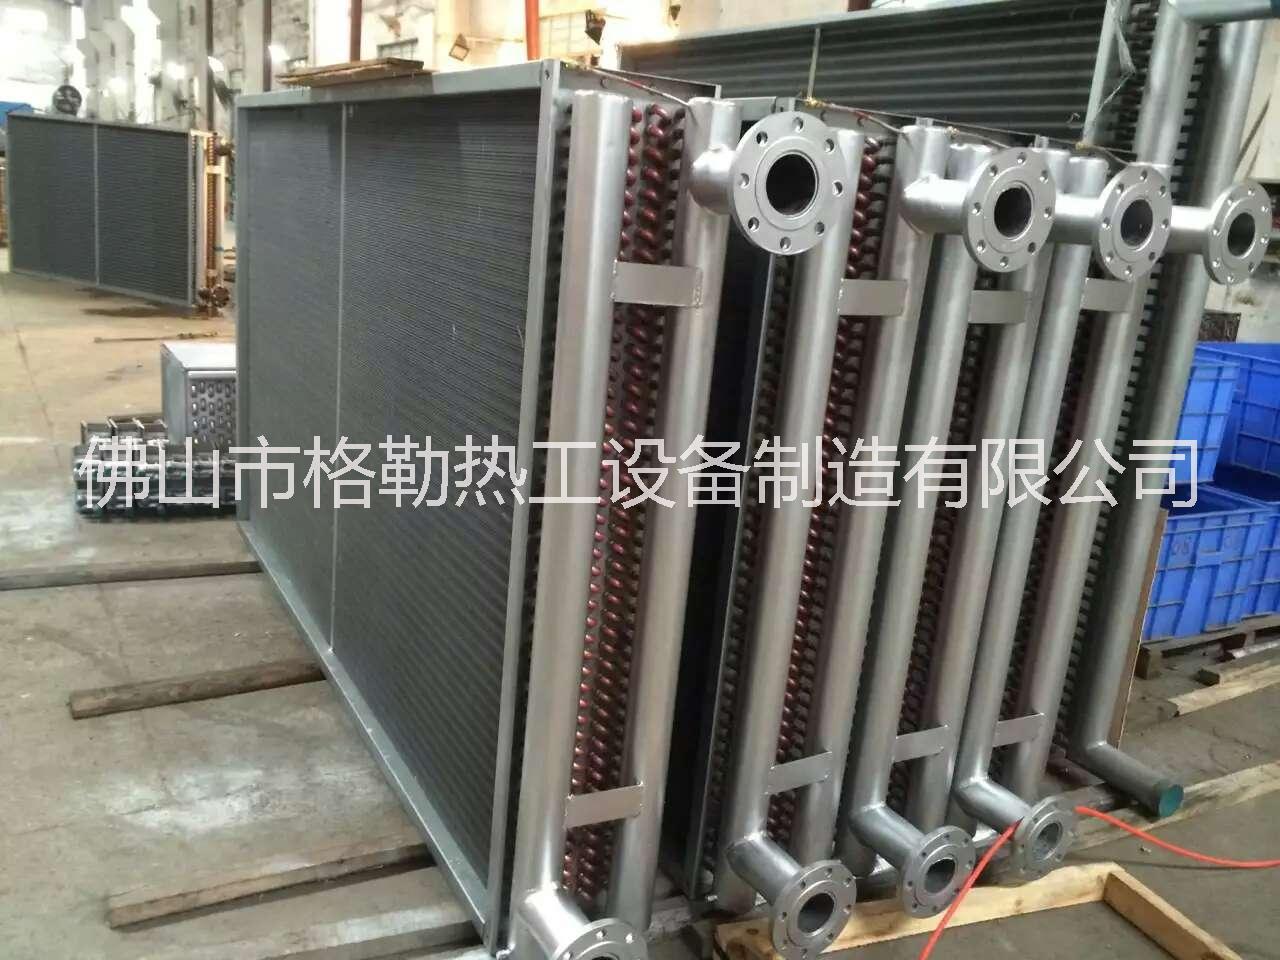 养殖设备饲料烘干散热换热器,专业用于水产饲料加工生产